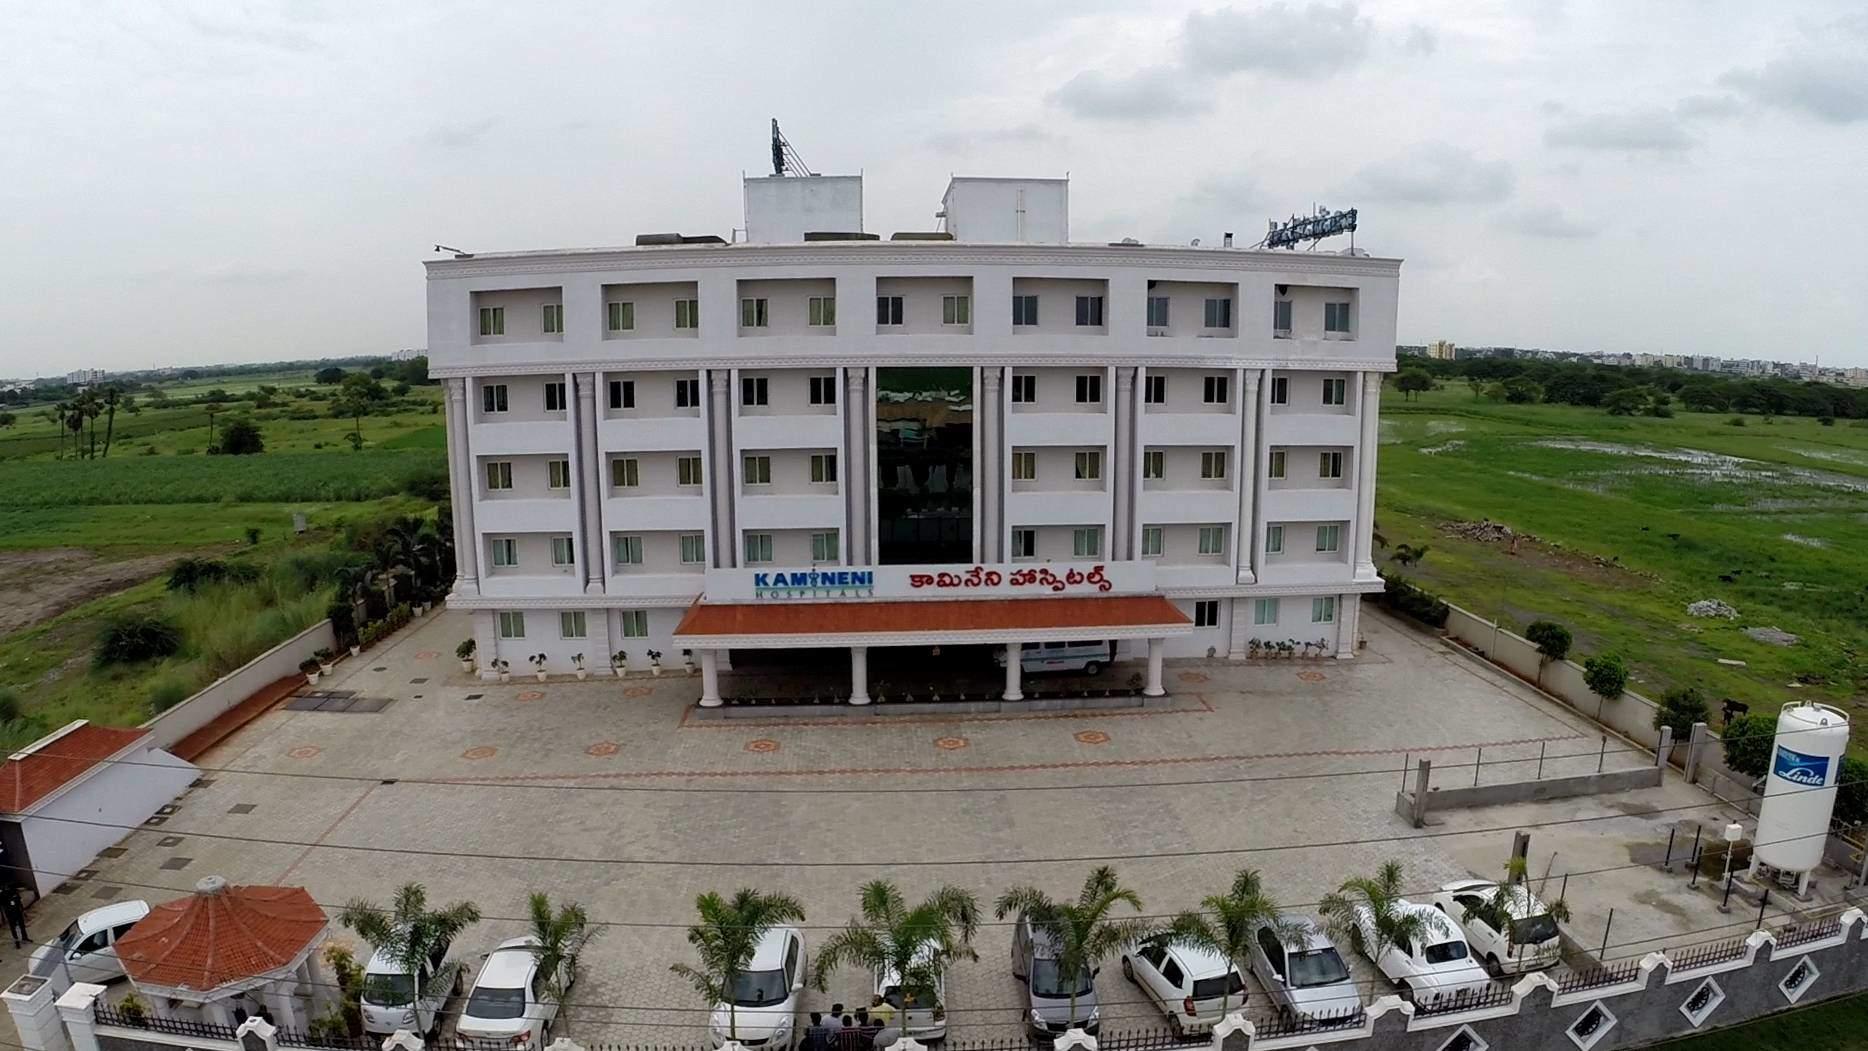 Kamineni Hospital - Poranki - Vijayawada Image